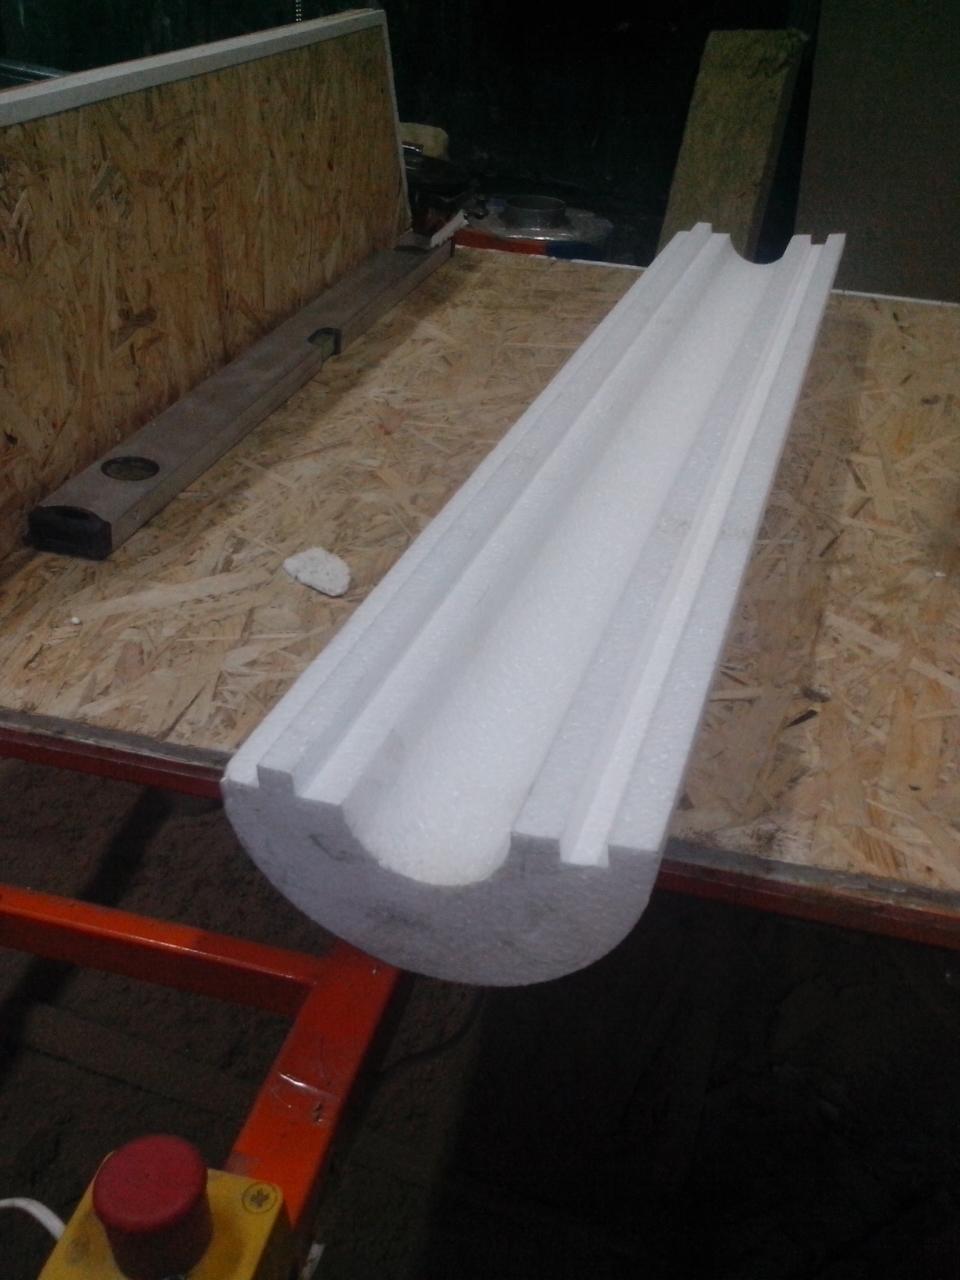 Утеплитель из пенопласта (пенополистирола) для труб Ø 40 мм толщиной 40 мм